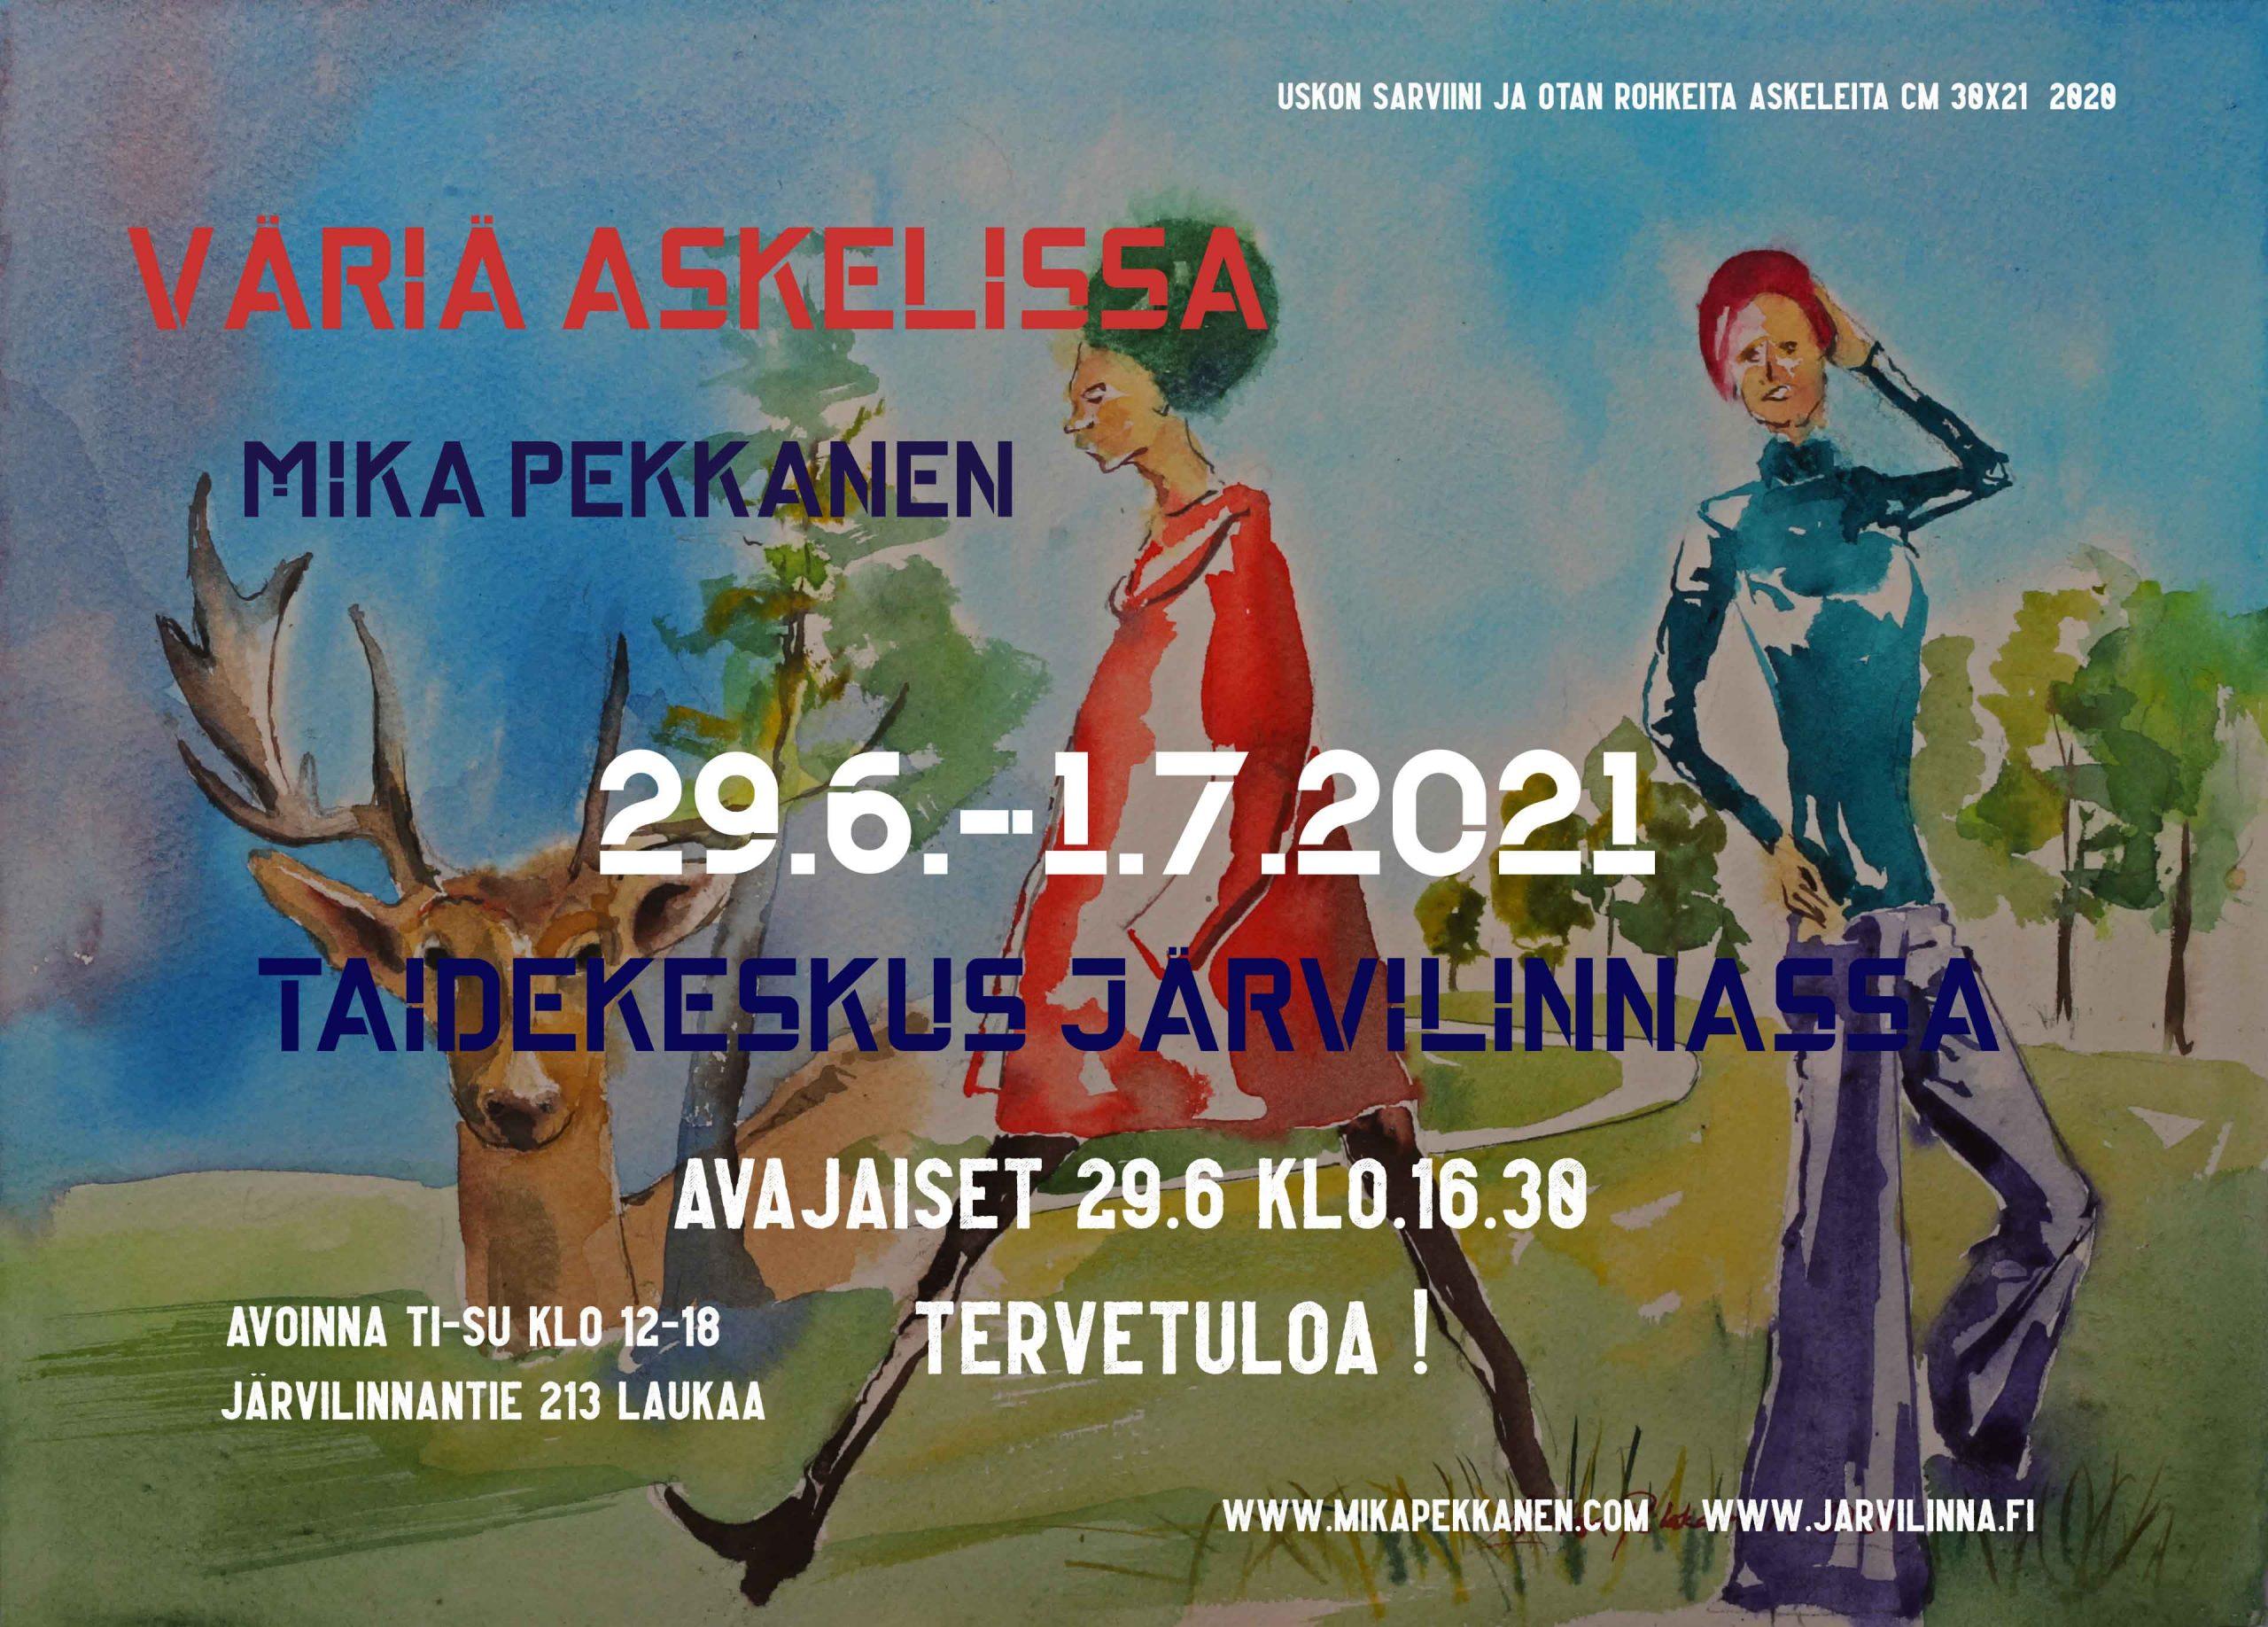 Väriä askelissa Mika Pekkanen Taidekeskus Järvilinnassa 29.6.-1.7.2021 Avajaiset 29.6 klo 16.30 Tervetuloa!